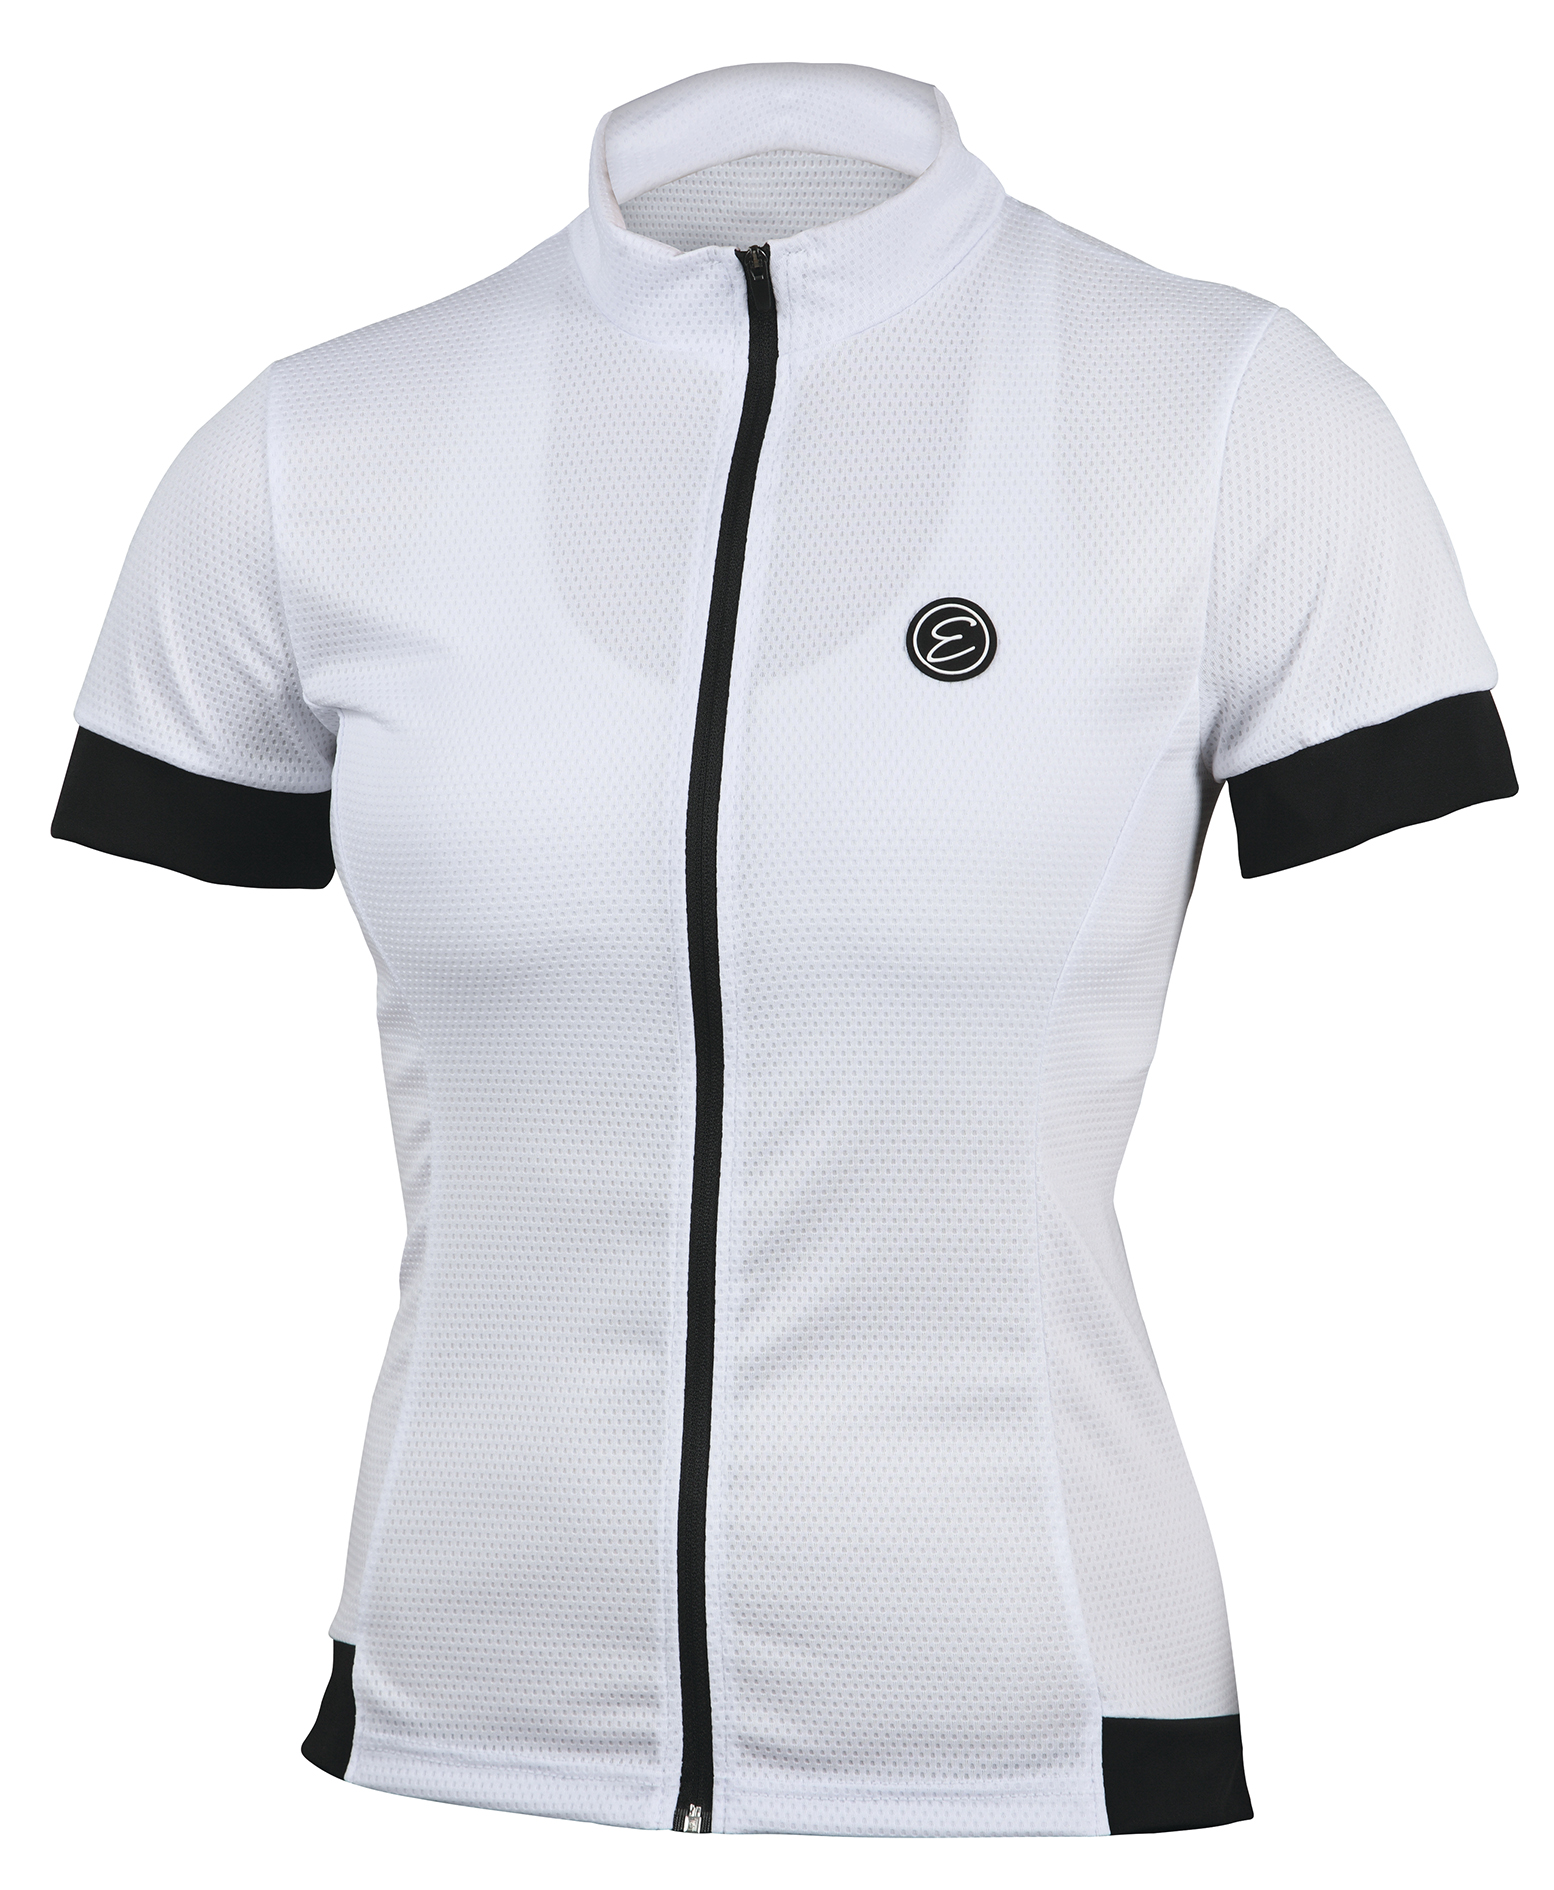 Dámský cyklistický dres ETAPE Donna, vel. M, bílá, model 2017 (Dámský dres Etape, dlouhý přední zip)